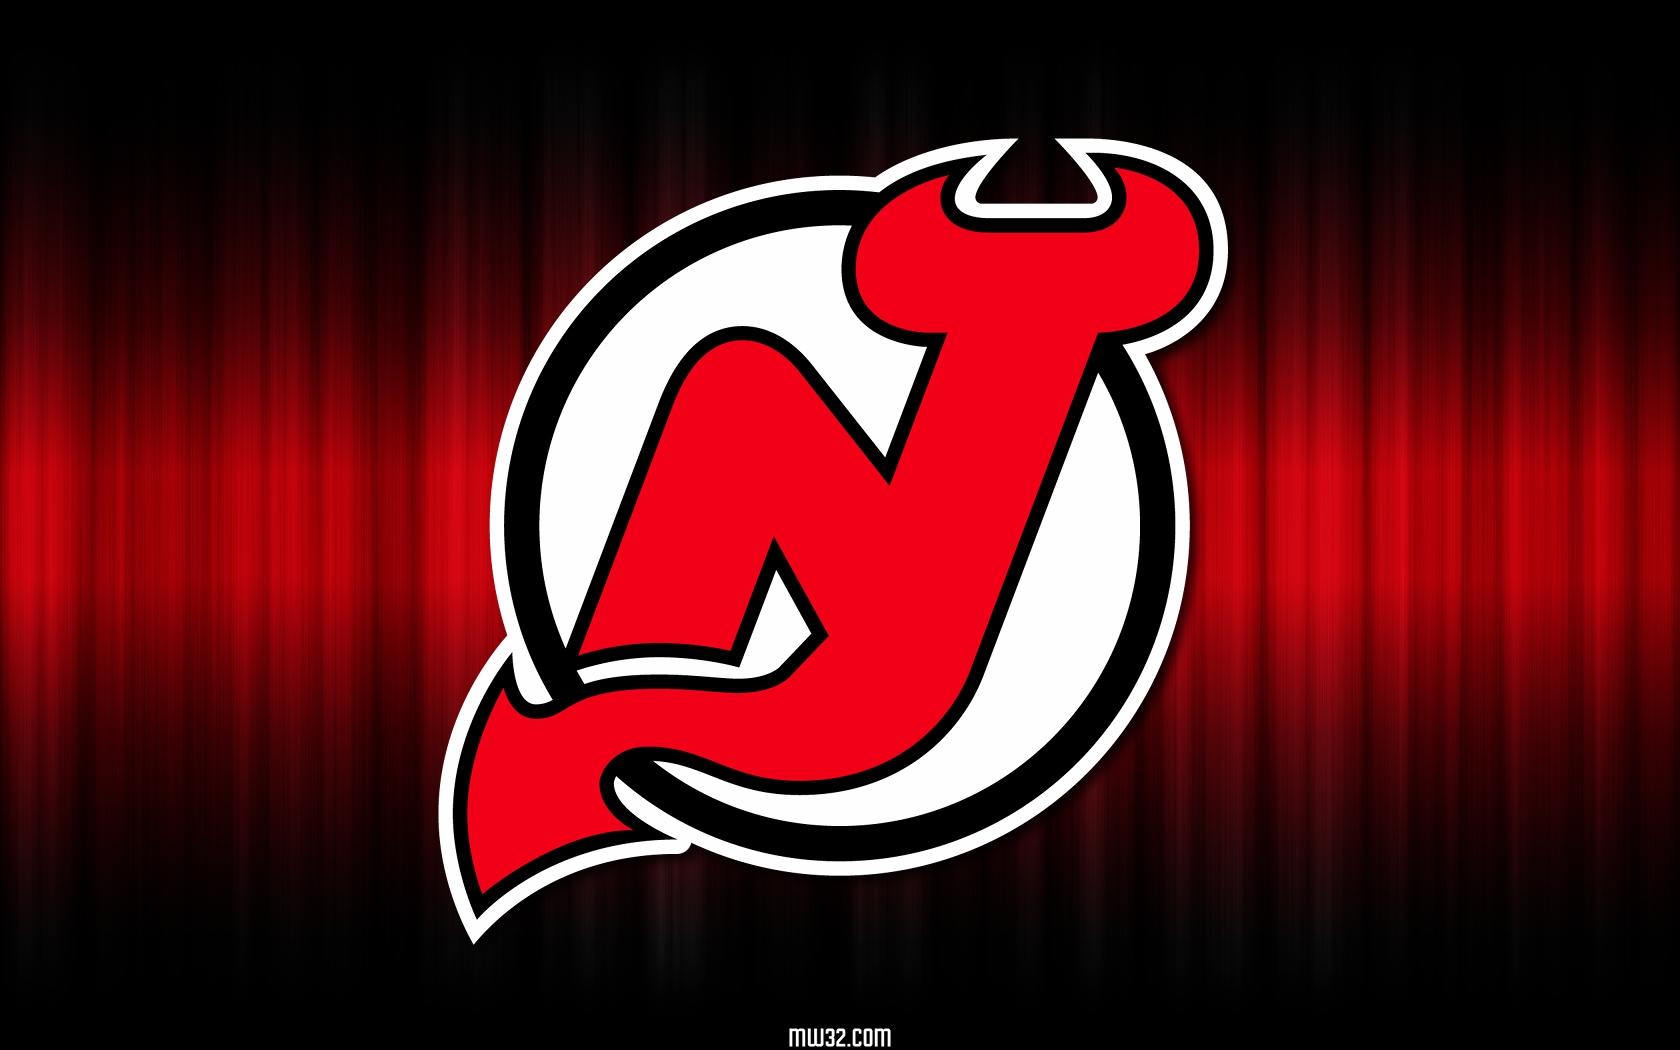 New York Rangers Wallpaper Hd Charitybuzz 2 Club Seat Tickets To Nj Devils Vs Ny